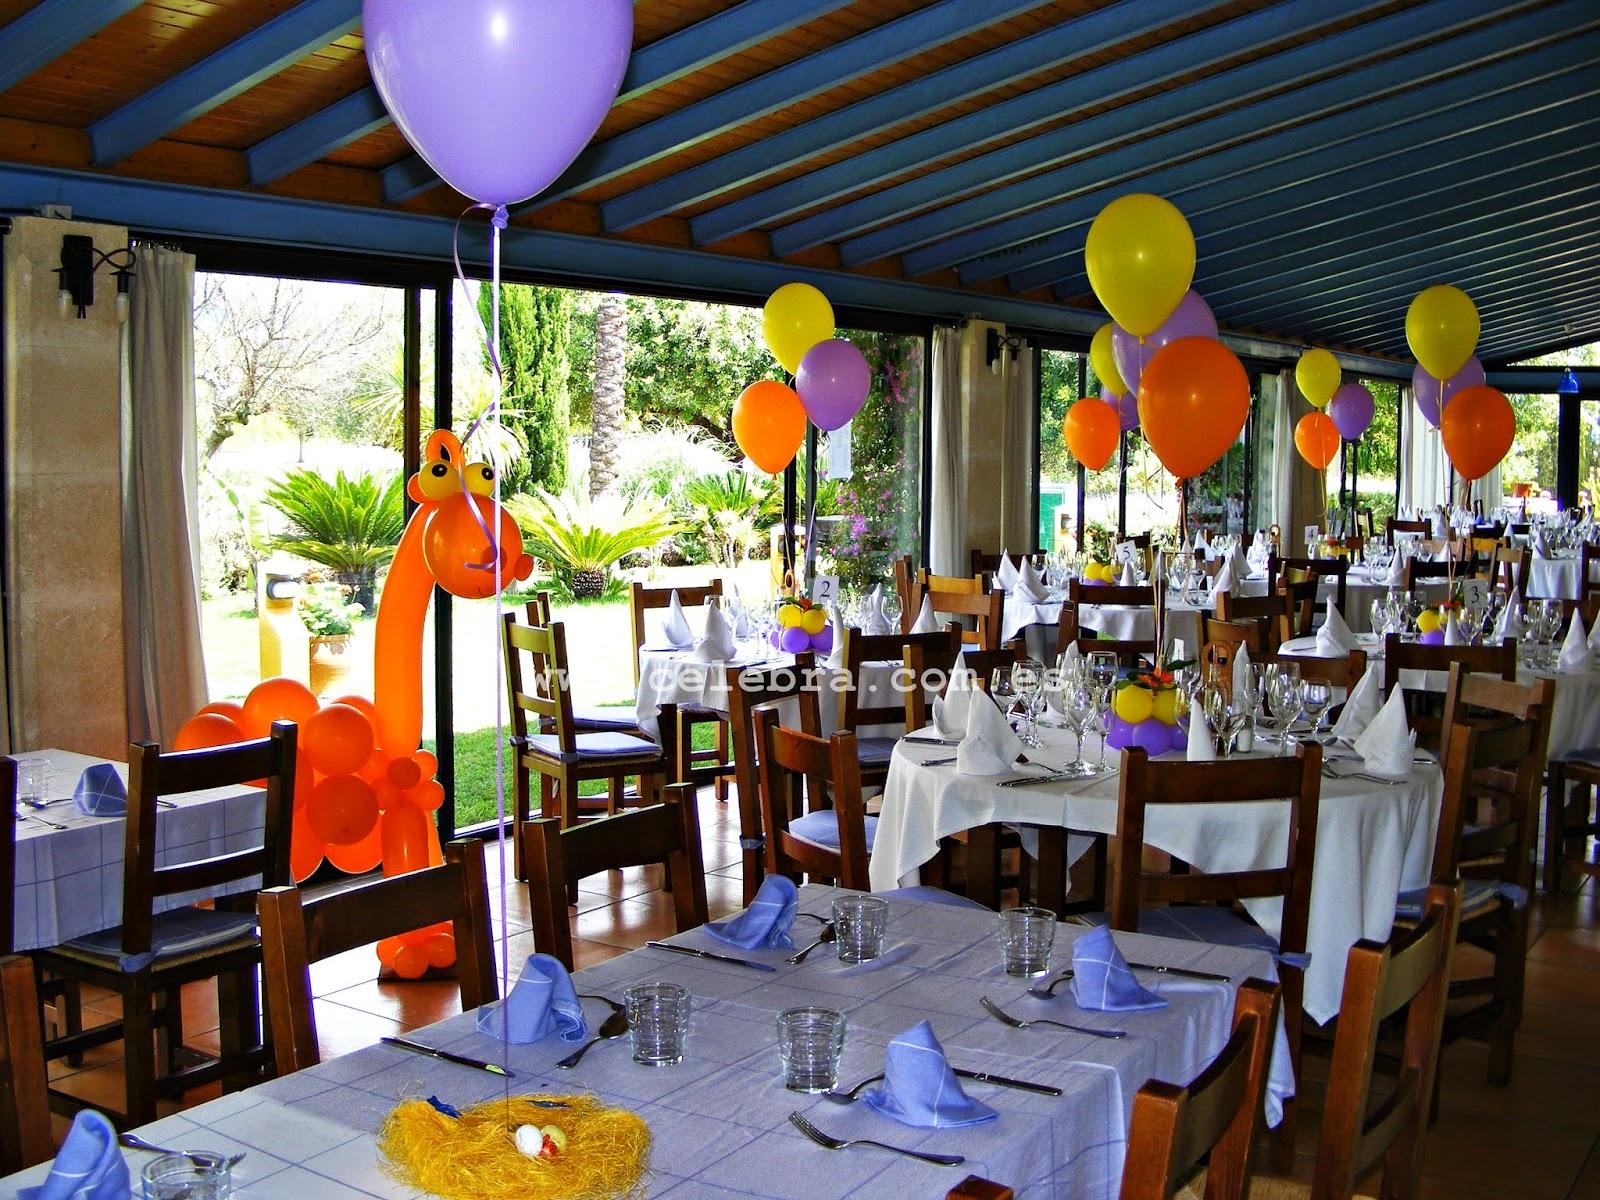 Celebra decoraciones para comuni n for Cosas de decoracion